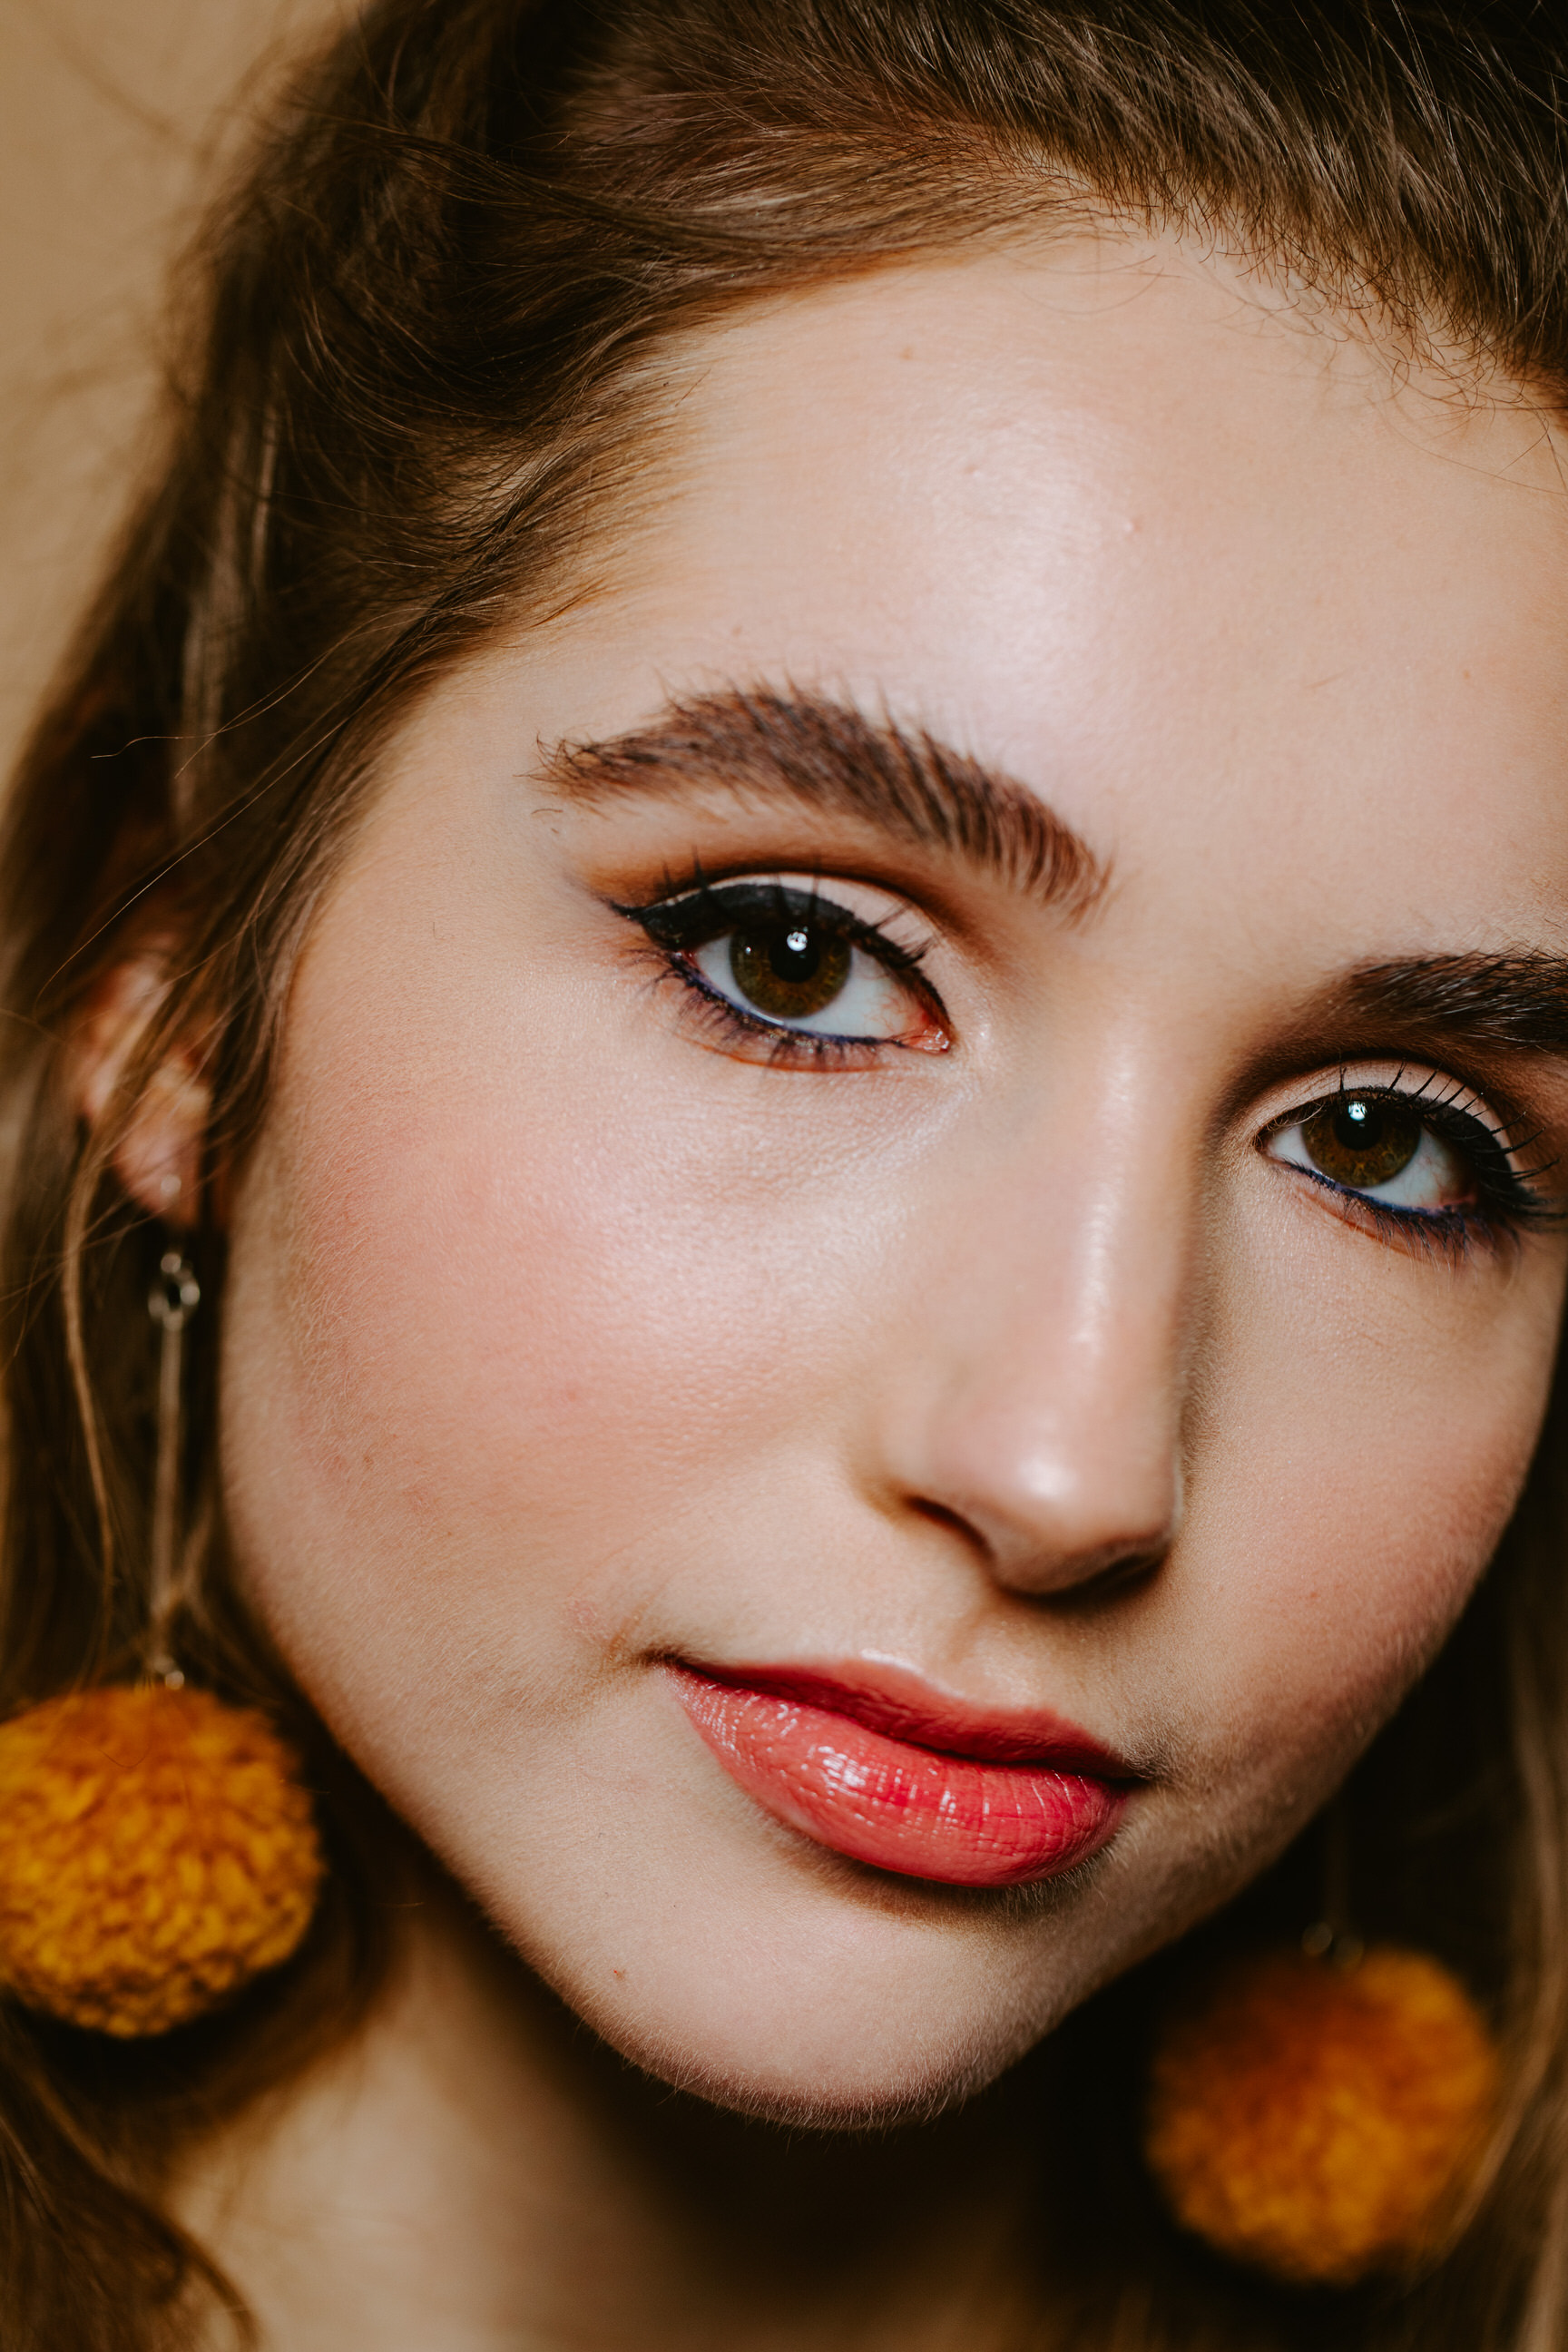 rebekah-earrings-8820.jpg